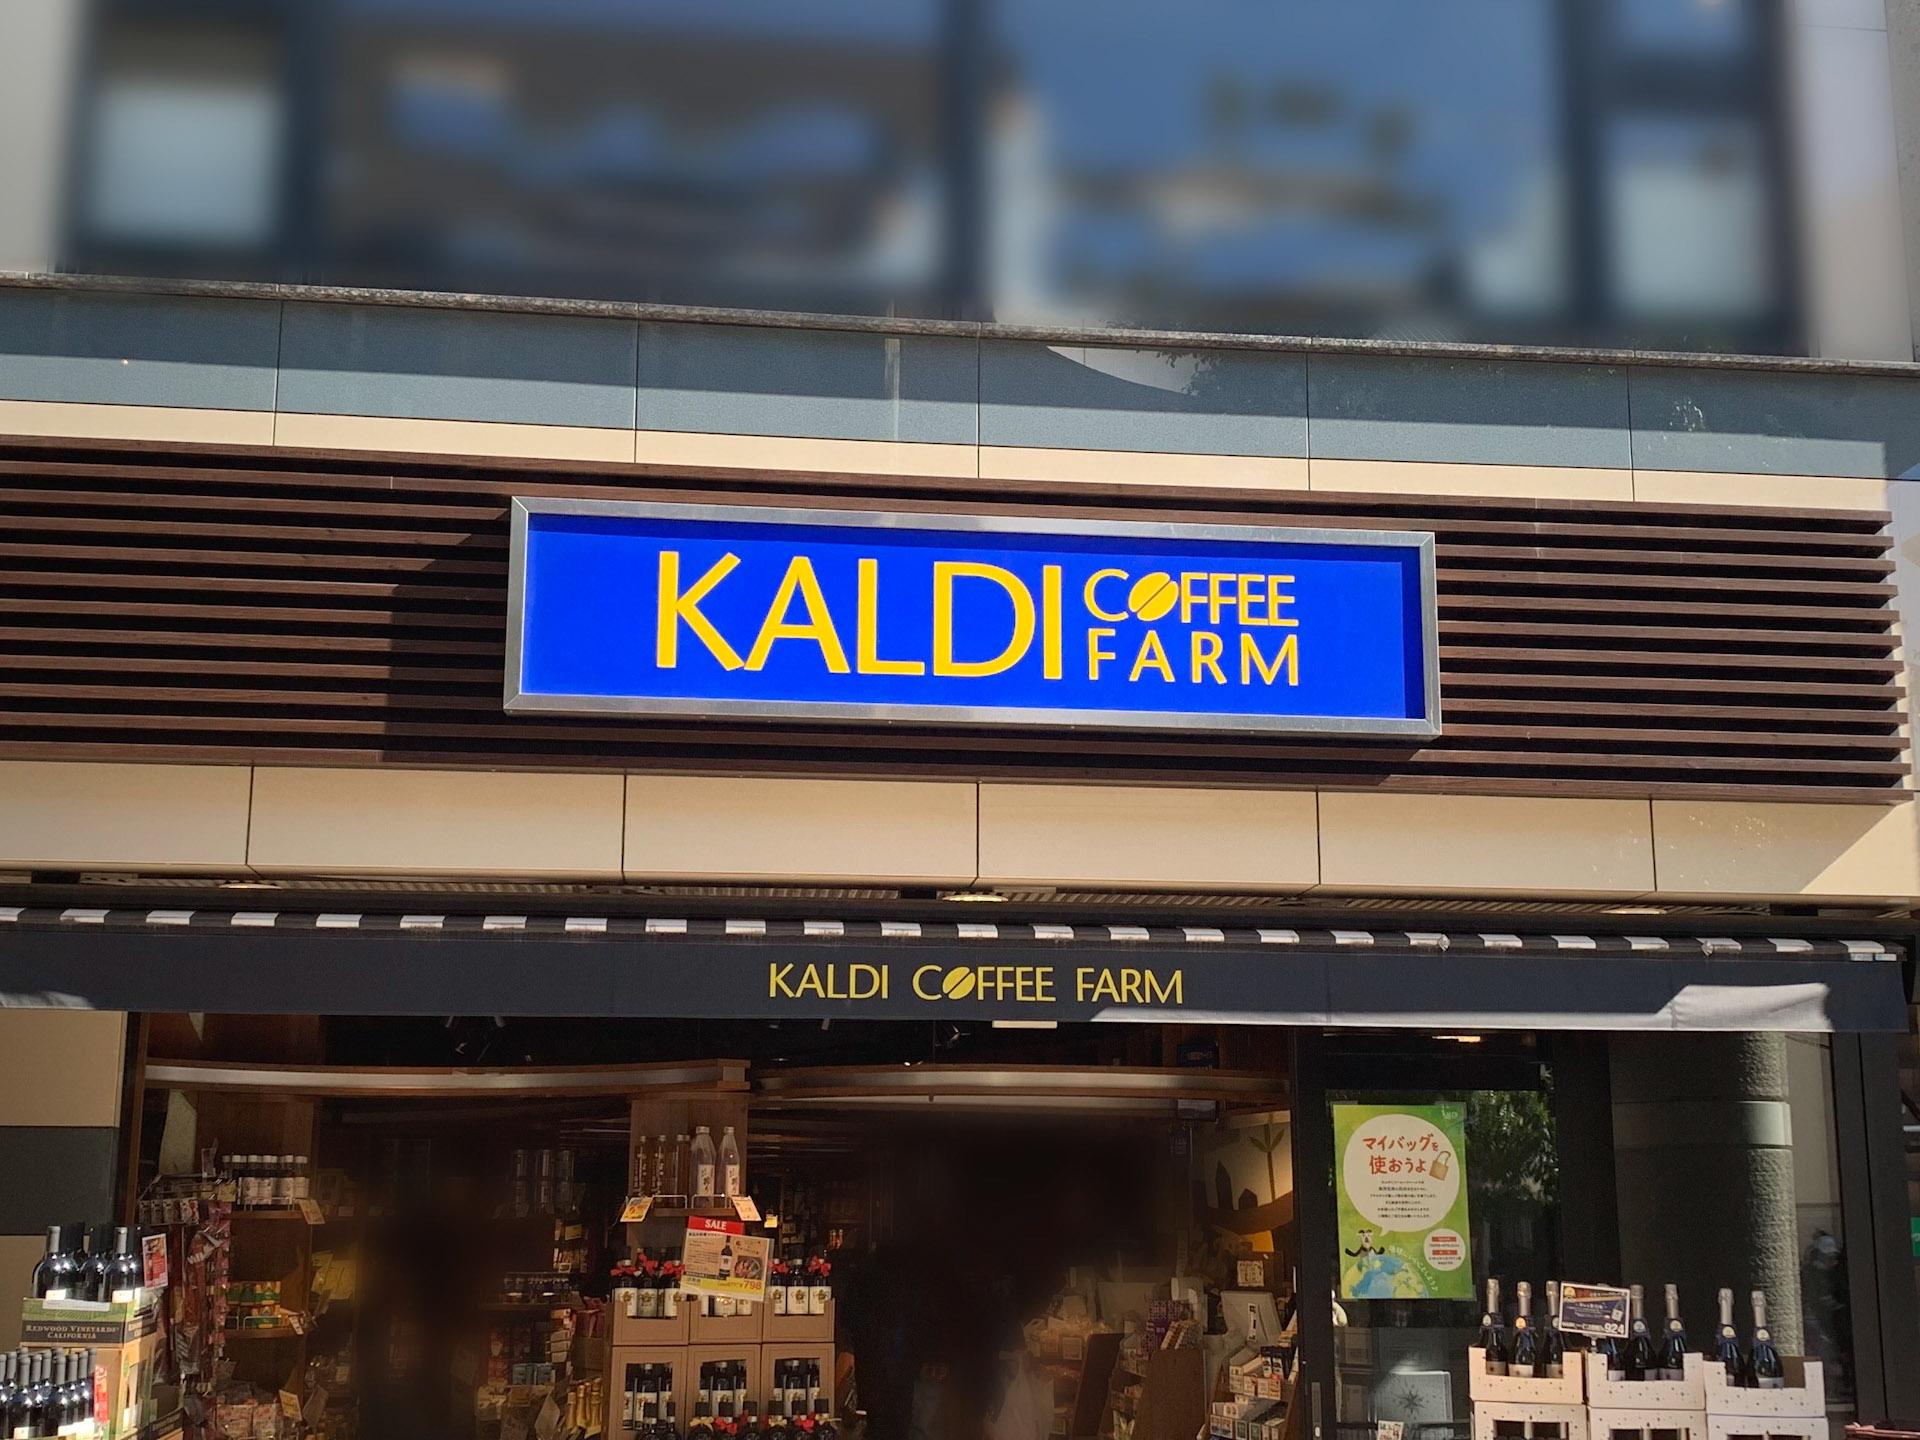 カルディには日本酒に合うおつまみがいっぱい!通がすすめる人気商品は?